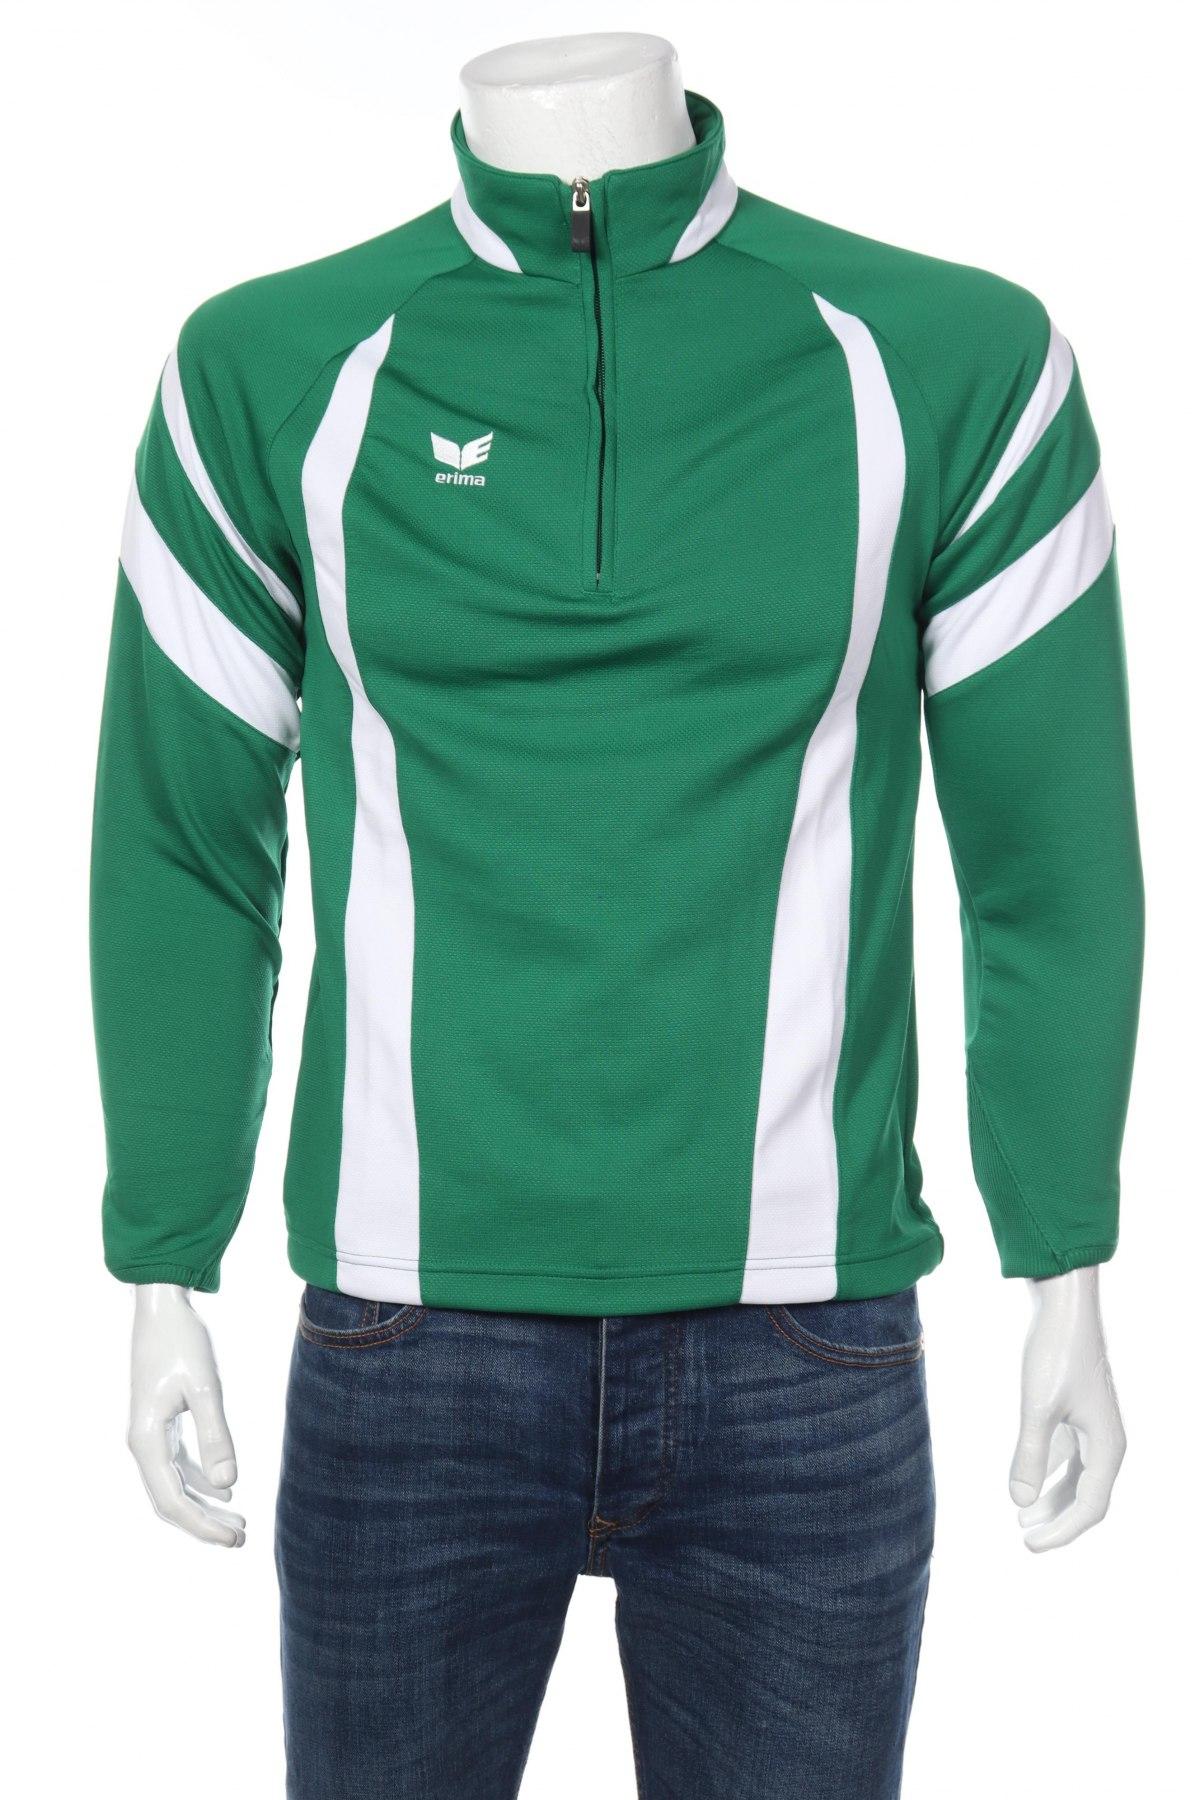 Мъжка спортна блуза Erima, Размер S, Цвят Зелен, 100% полиестер, Цена 16,80лв.